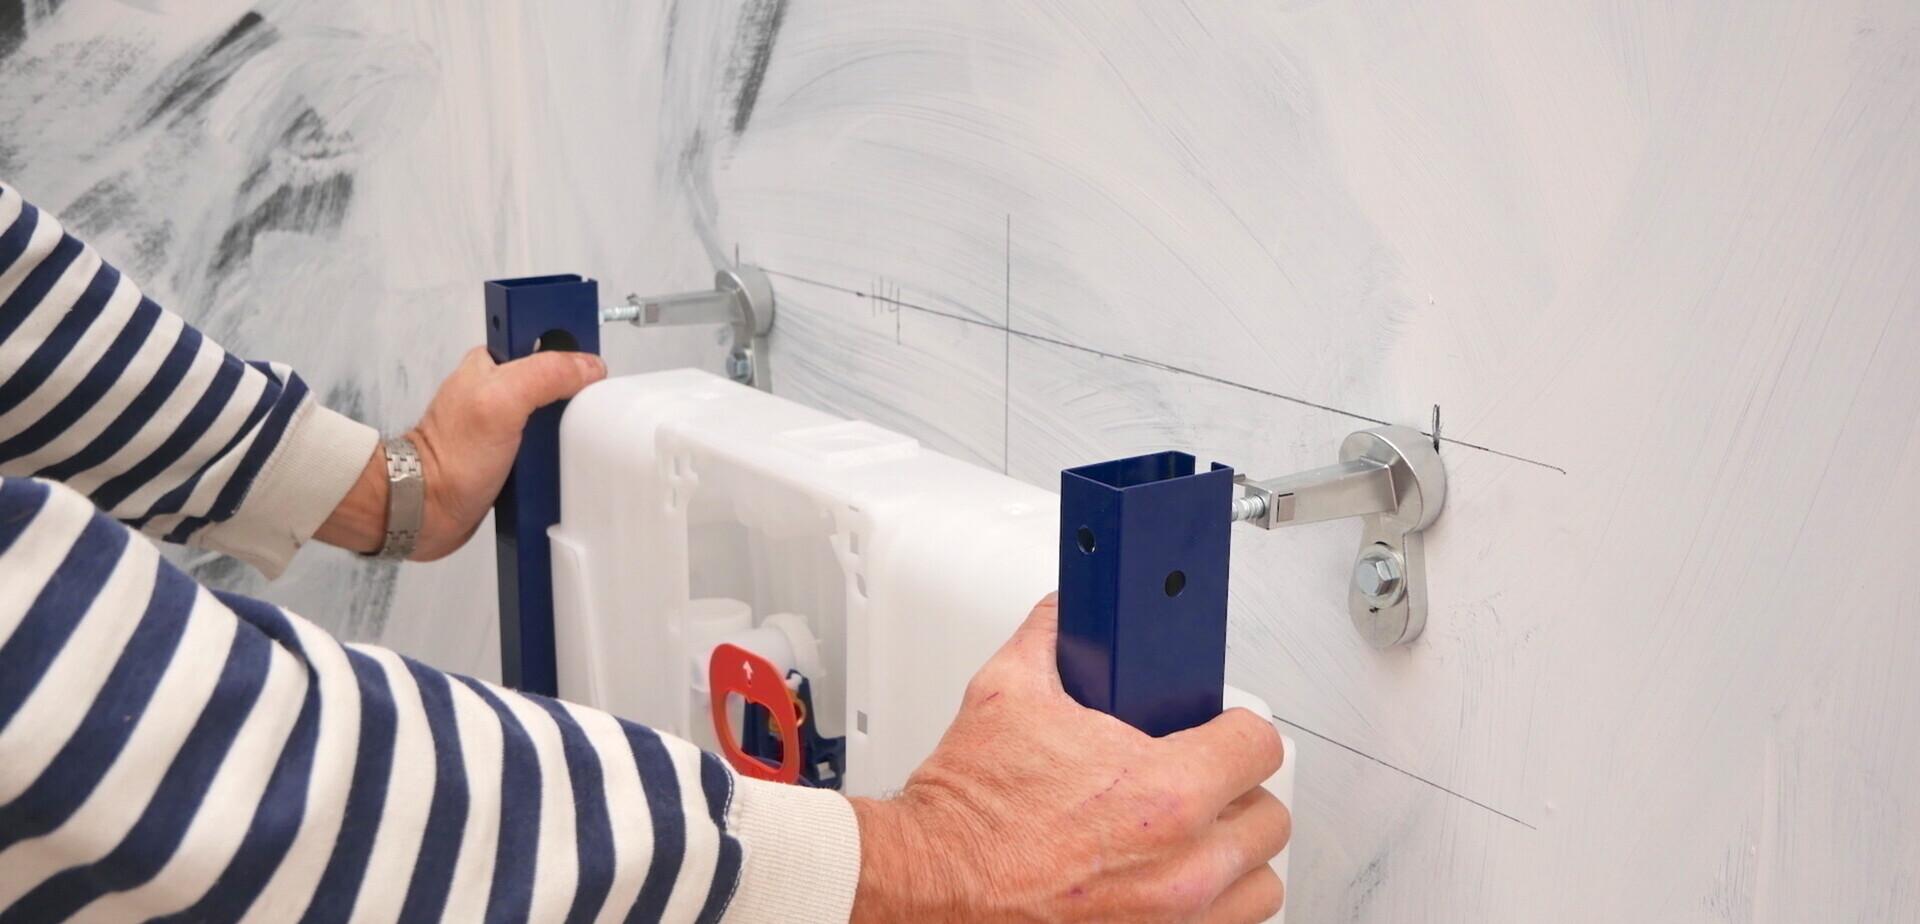 Kosten Hangend Toilet Plaatsen.Toilet Renoveren Inbouwreservoir Plaatsen 1 4